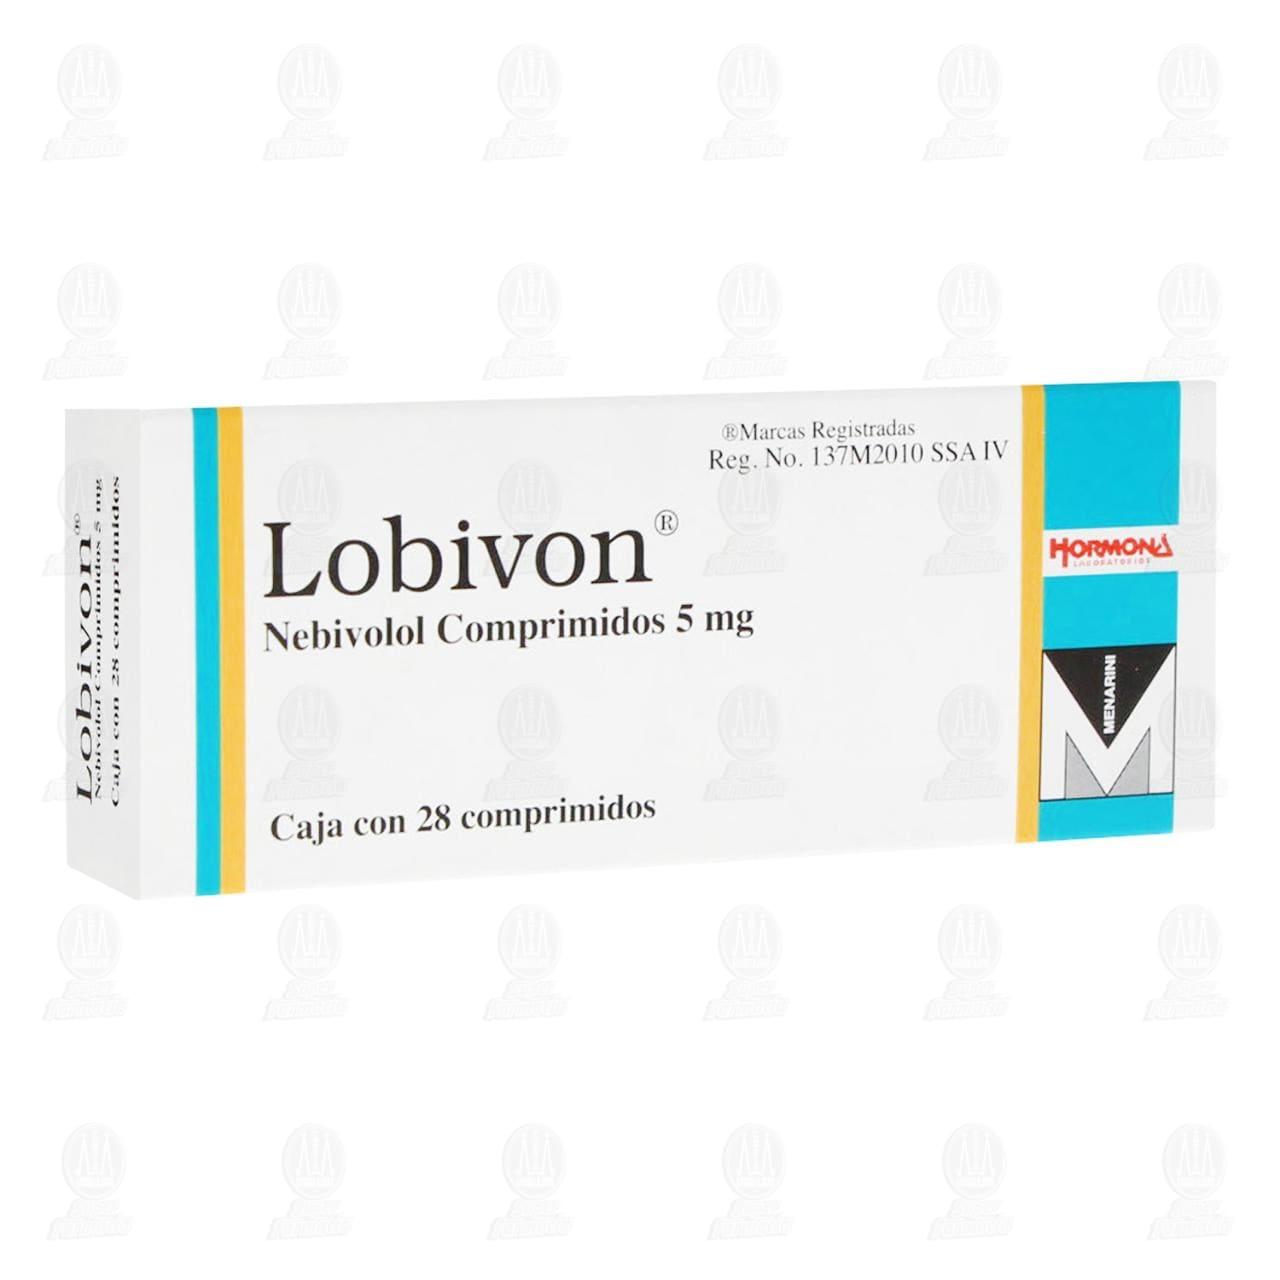 Comprar Lobivon 5mg 28 Comprimidos en Farmacias Guadalajara